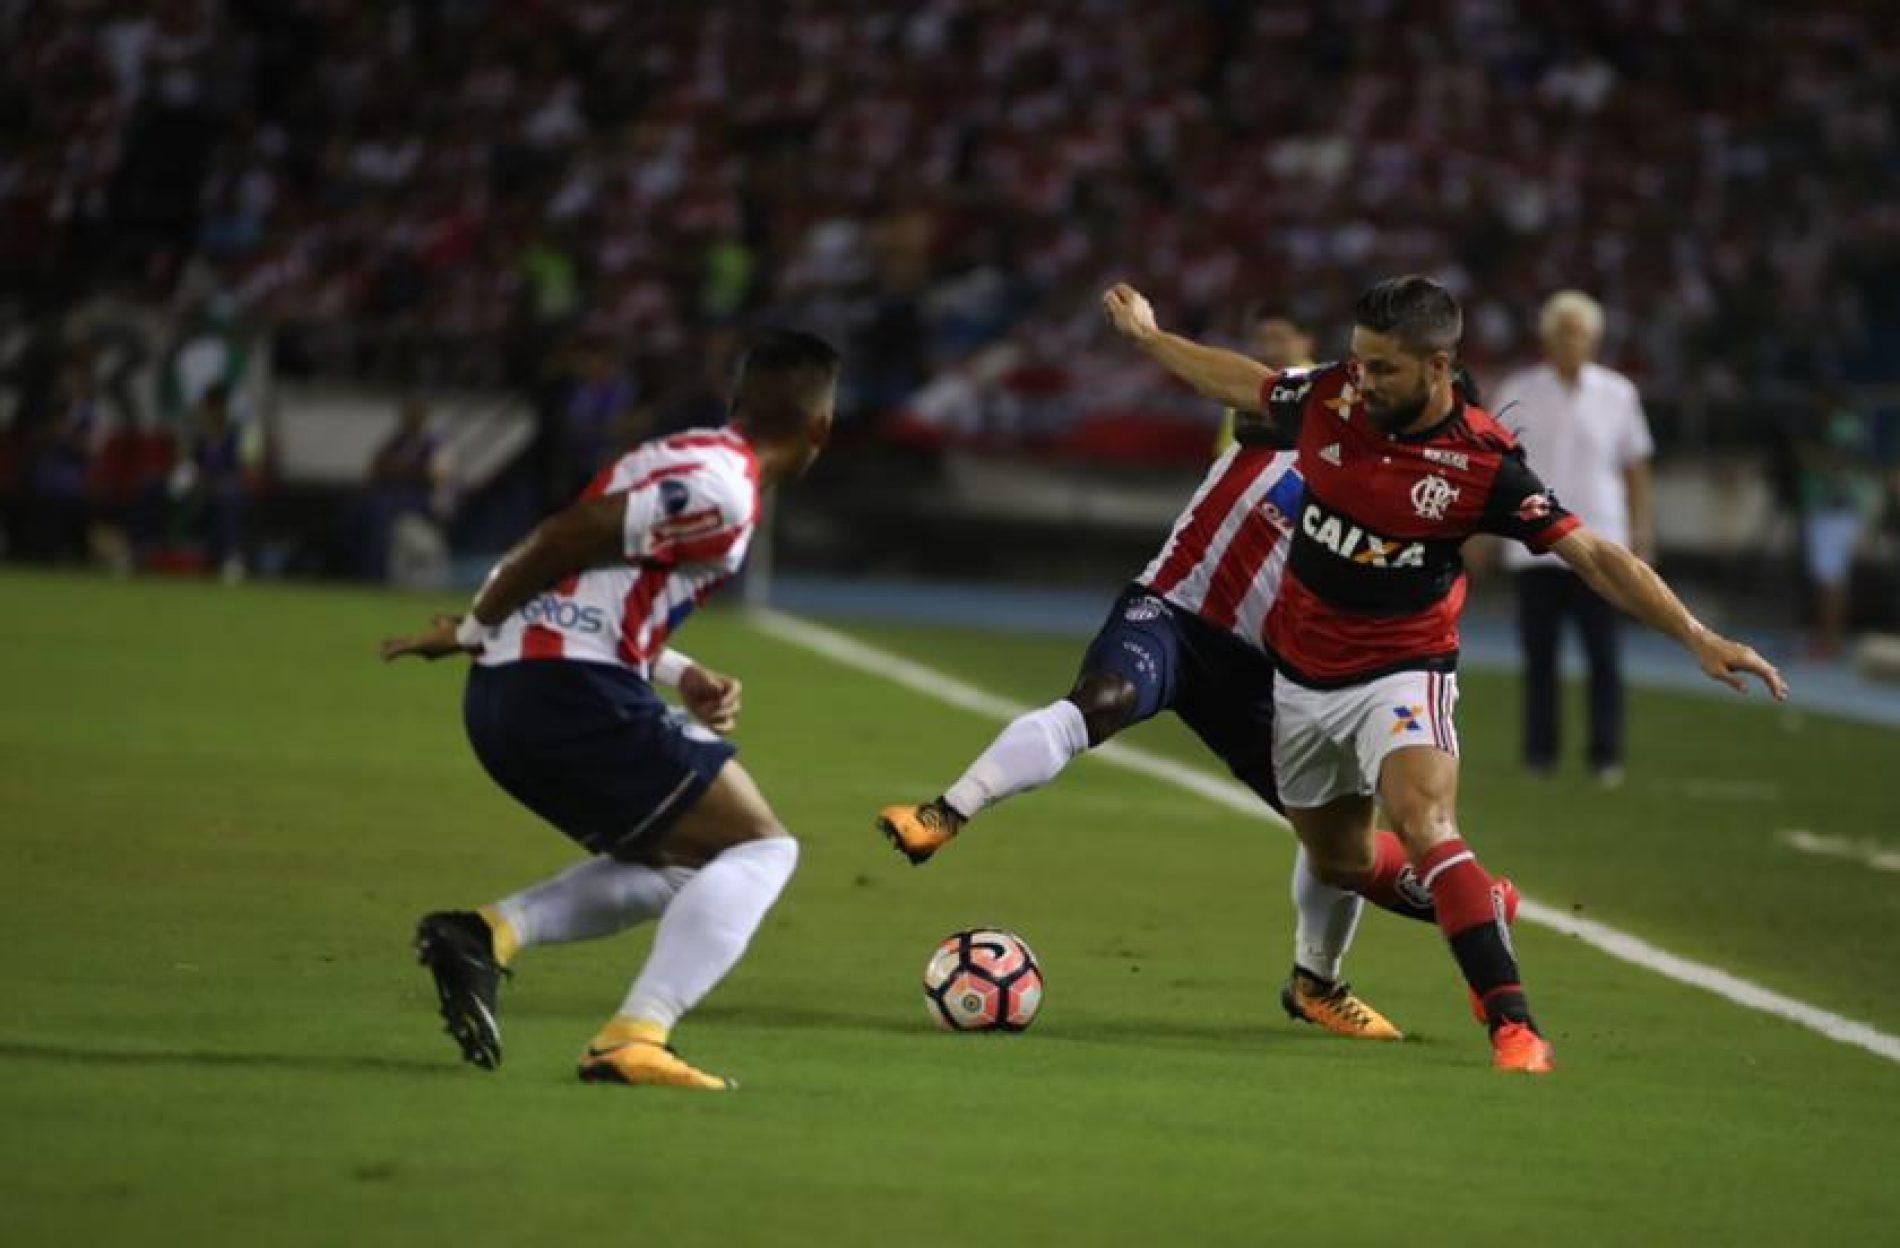 Sem Muralha, Flamengo vence na Colômbia e vai à final da Sul-Americana